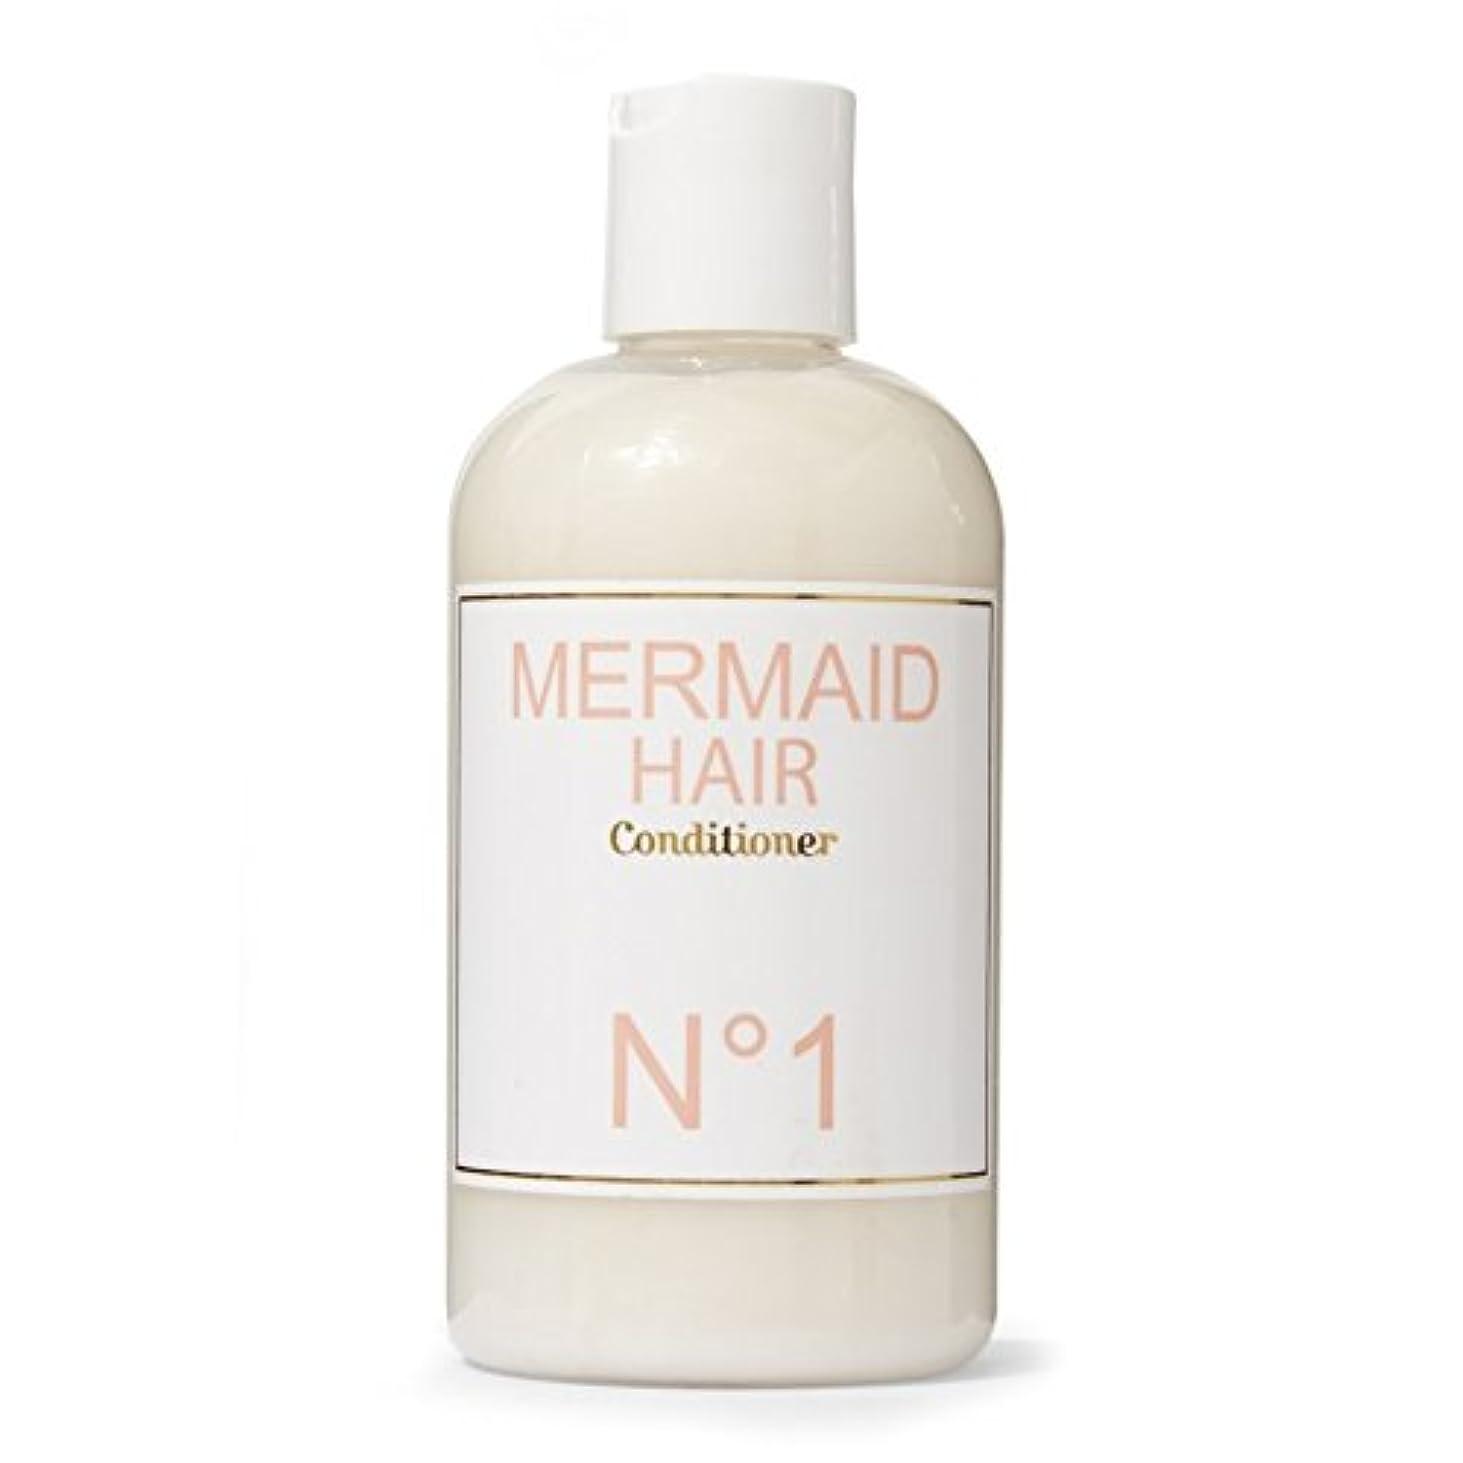 感情トランクライブラリ紀元前Mermaid Perfume Mermaid Conditioner 300ml (Pack of 6) - 人魚香水人魚コンディショナー300ミリリットル x6 [並行輸入品]